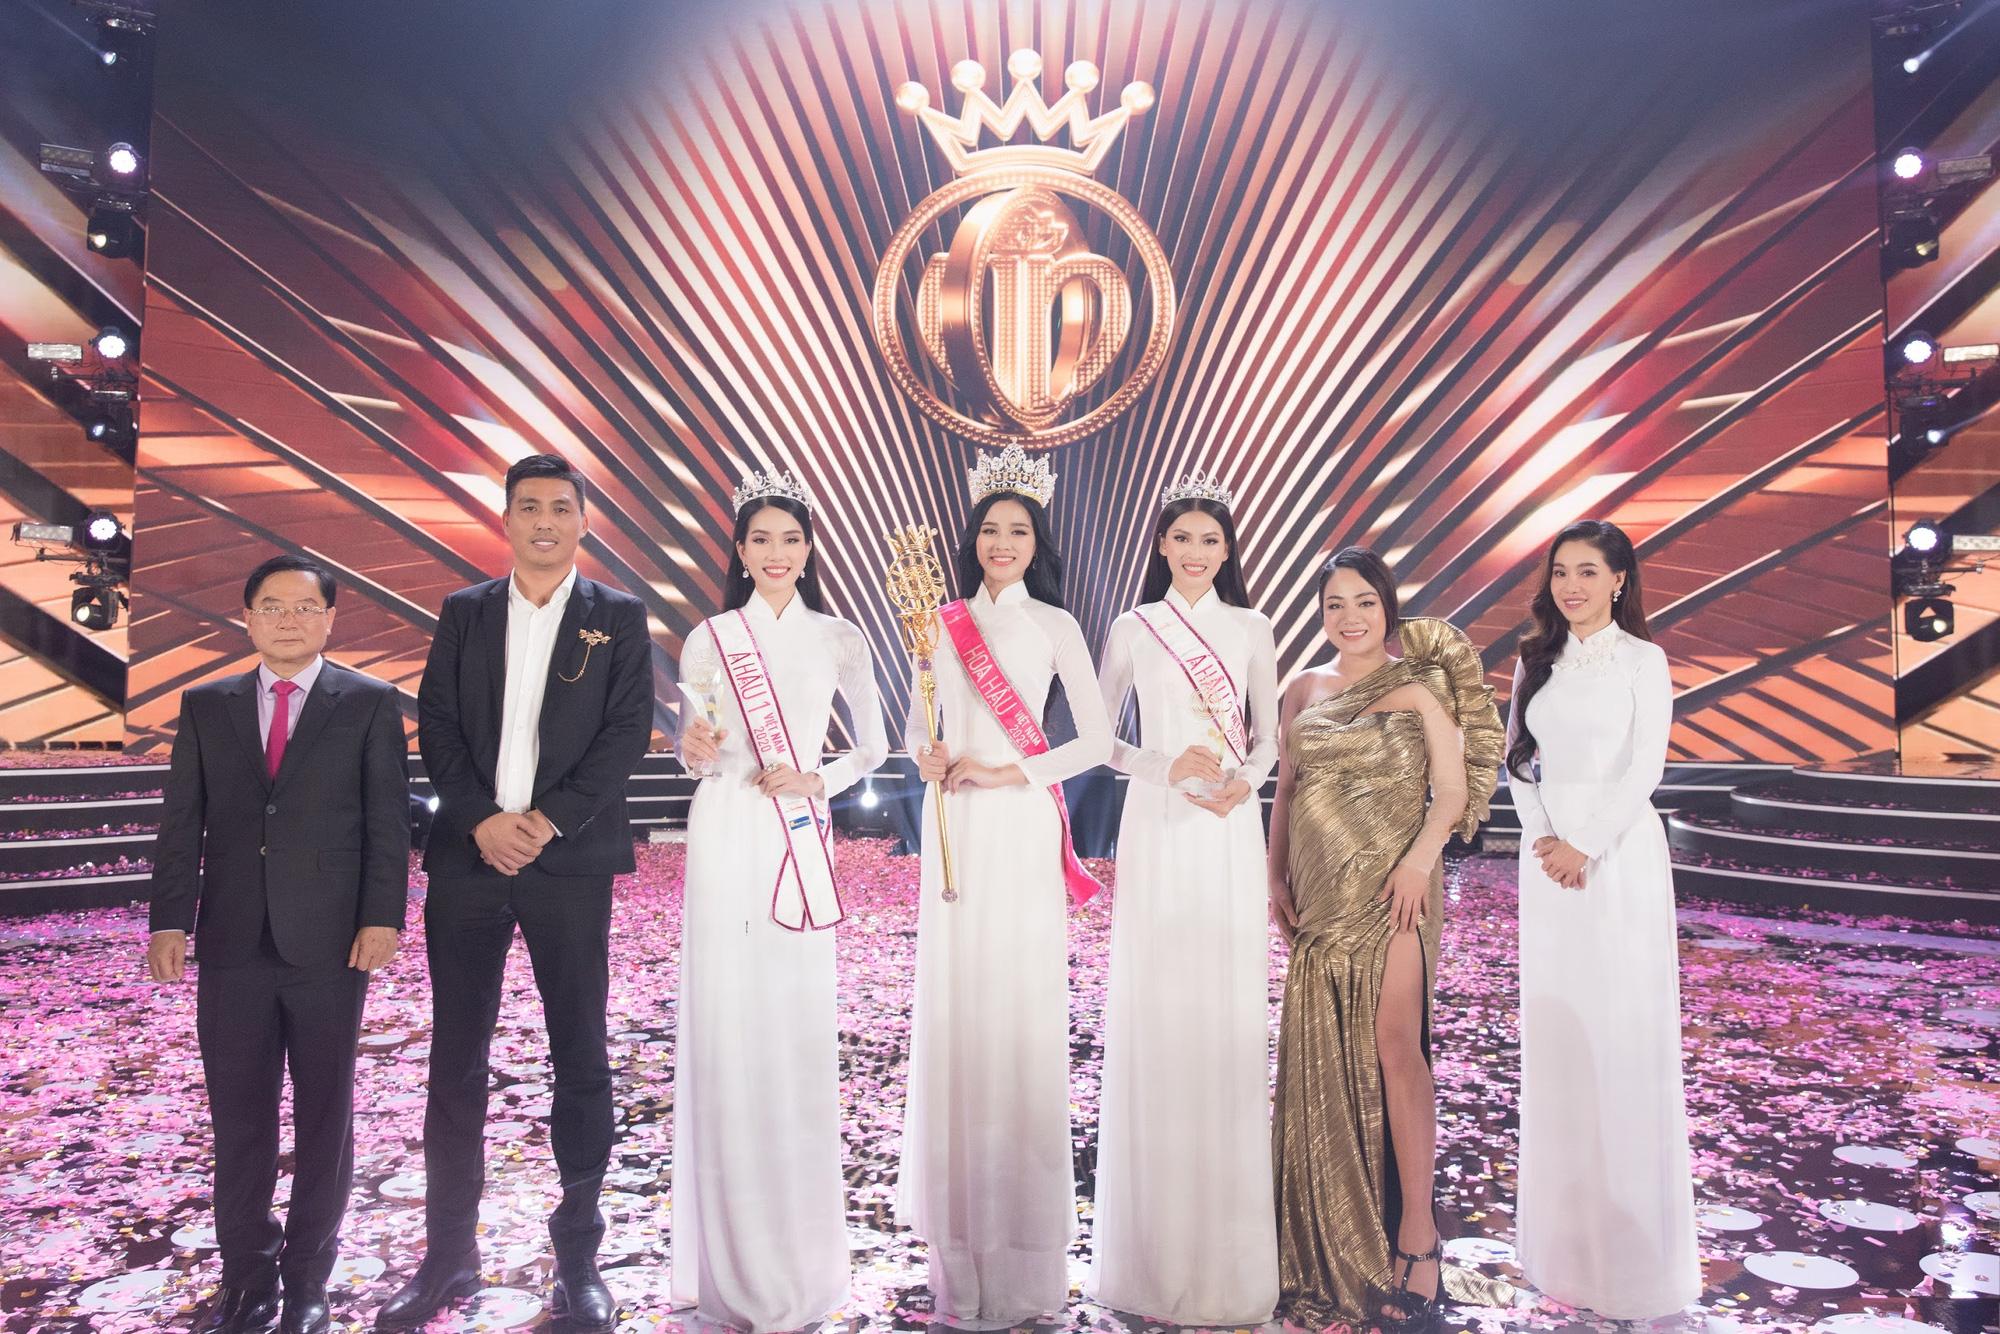 CEO Lê Thị Hồng Nhung cảm động khi đồng hành cùng chuỗi dự án Người Đẹp Nhân Ái - Hoa hậu Việt Nam 2020 - Ảnh 3.